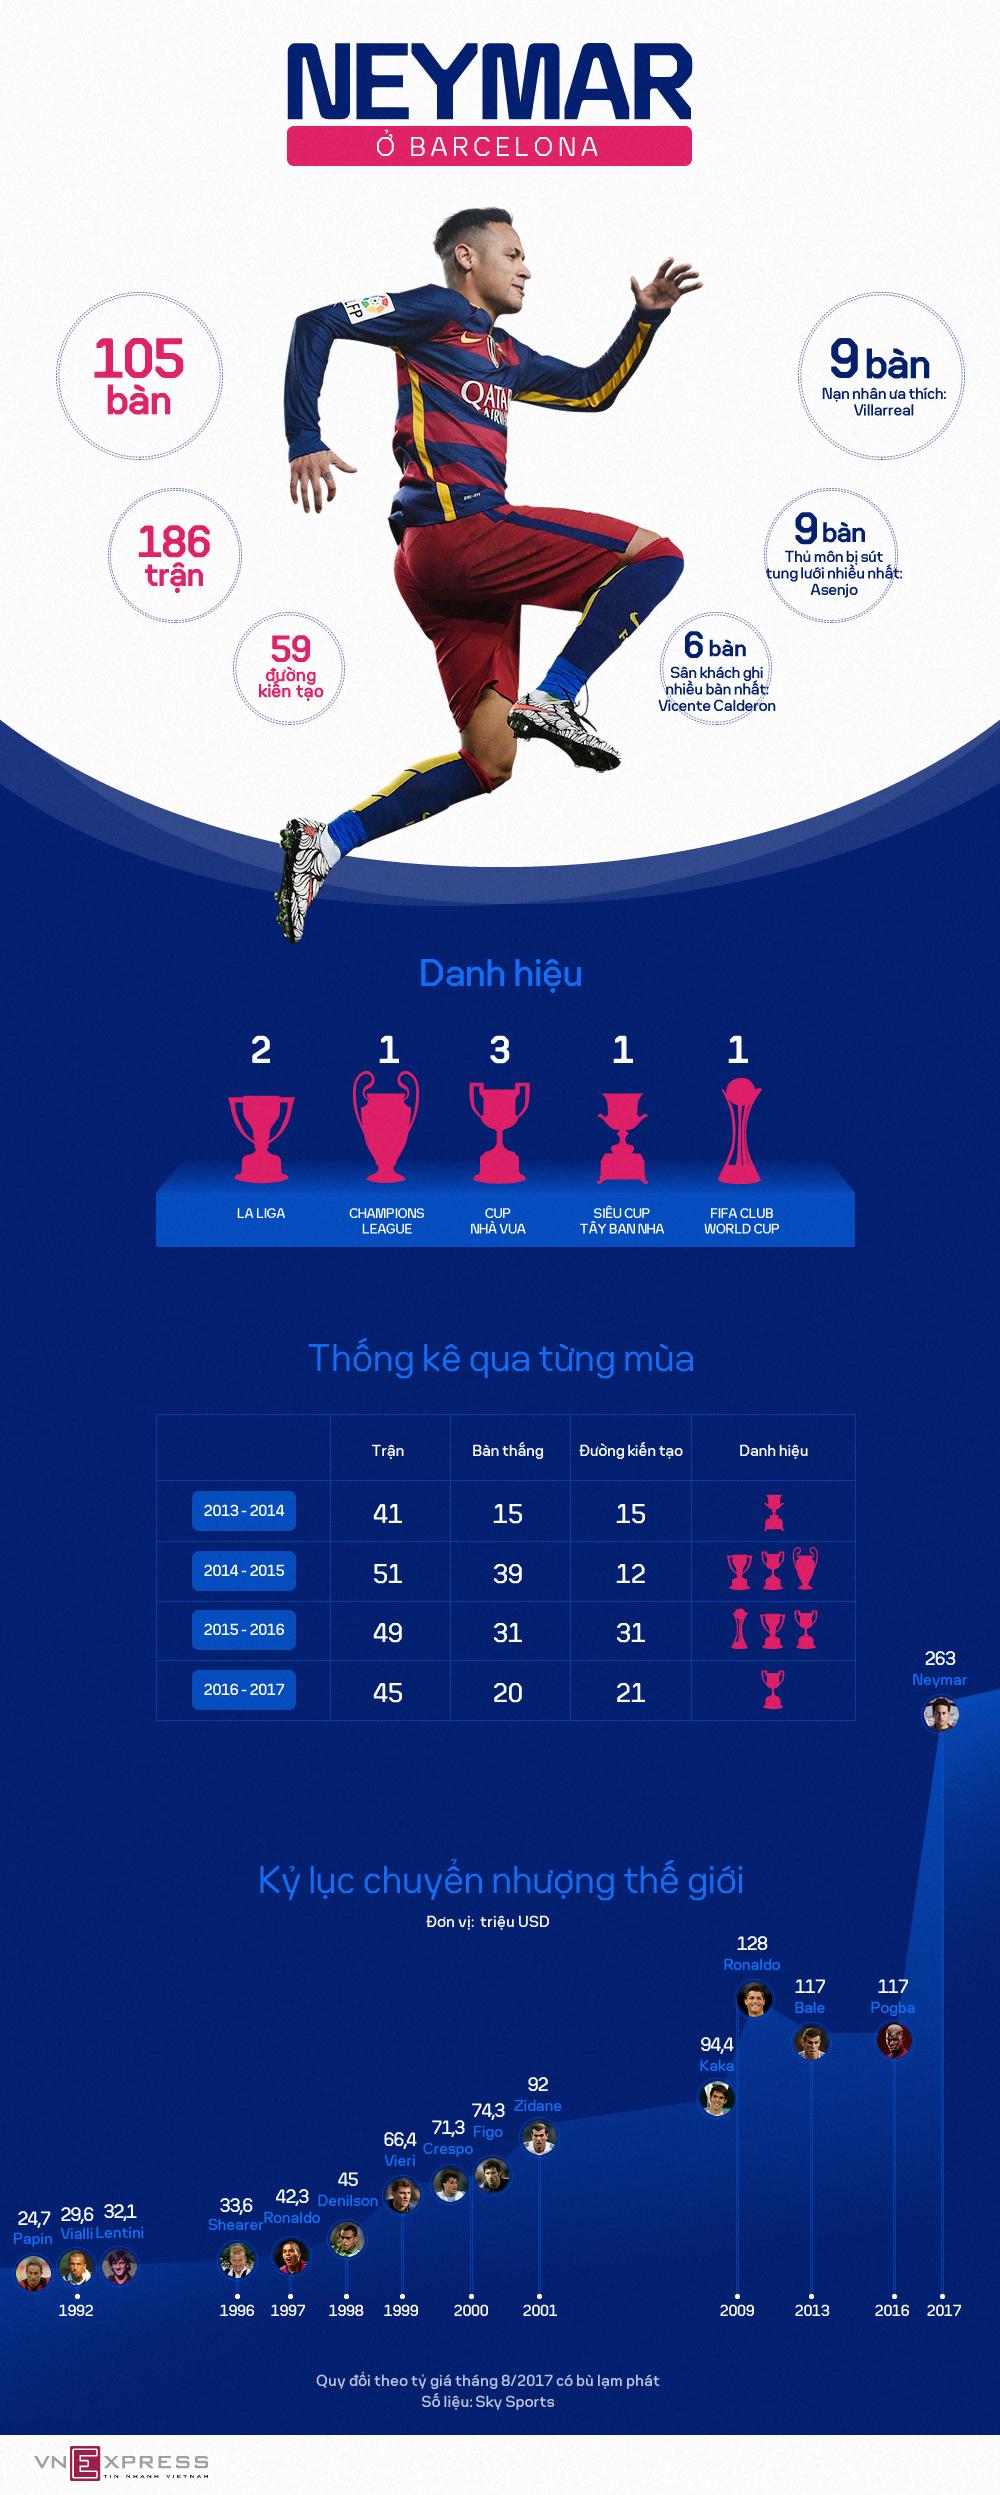 Bệ phóng Barca đưa Neymar đến kỷ lục chuyển nhượng thế giới